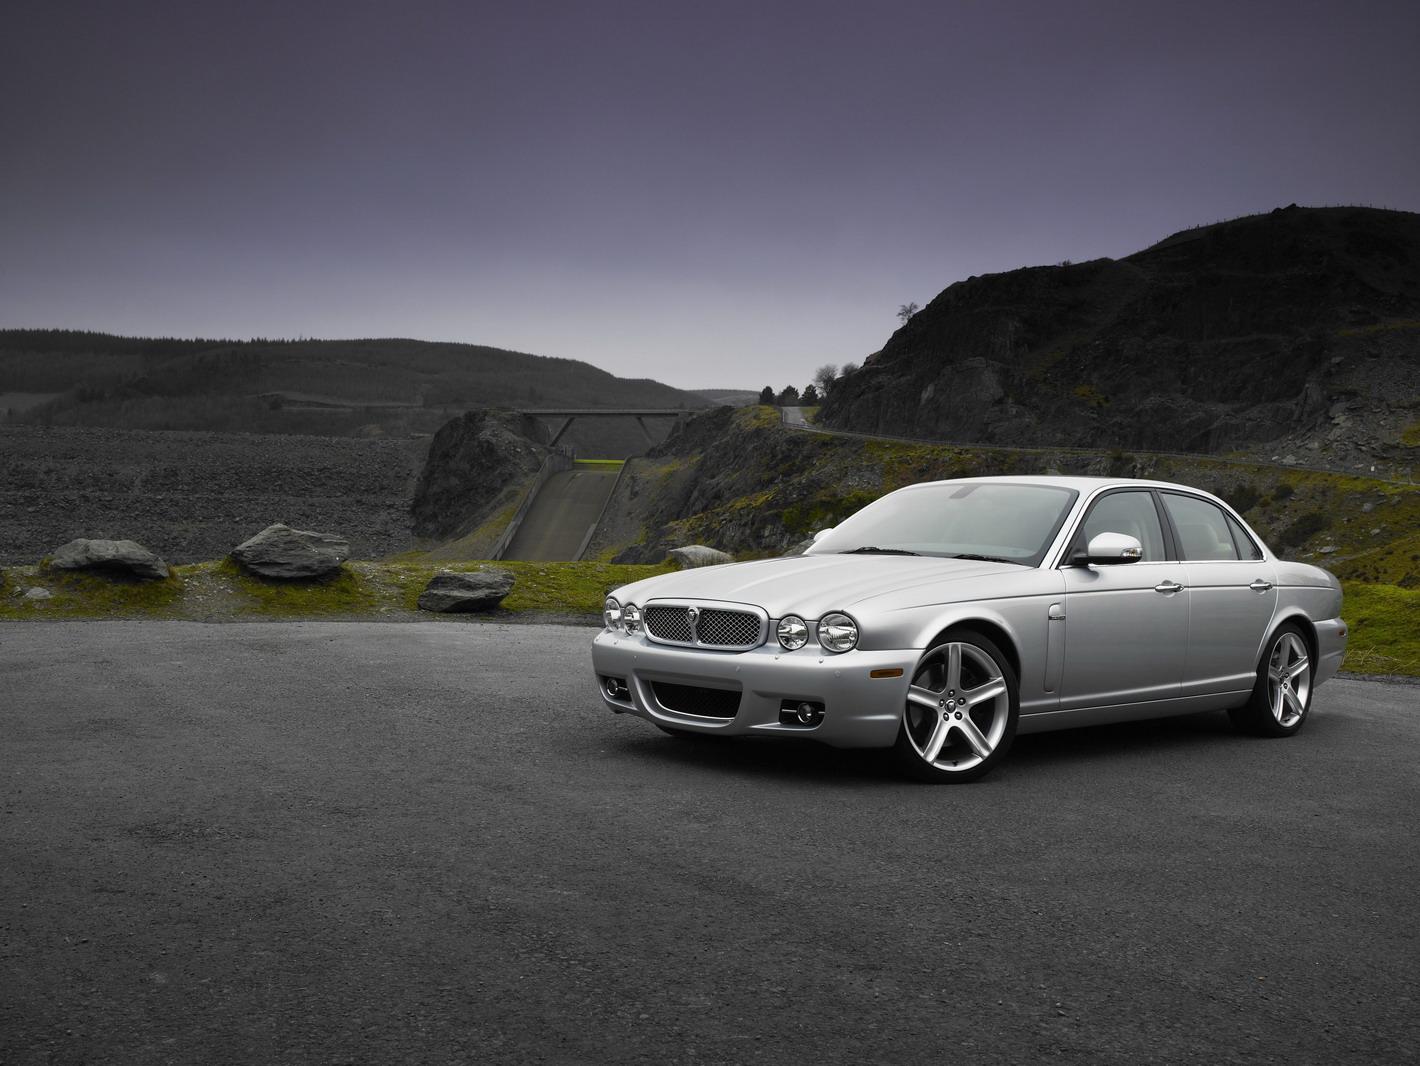 Nouvelle Jaguar XJ Phase 2 2008 Sportive Et Muscle